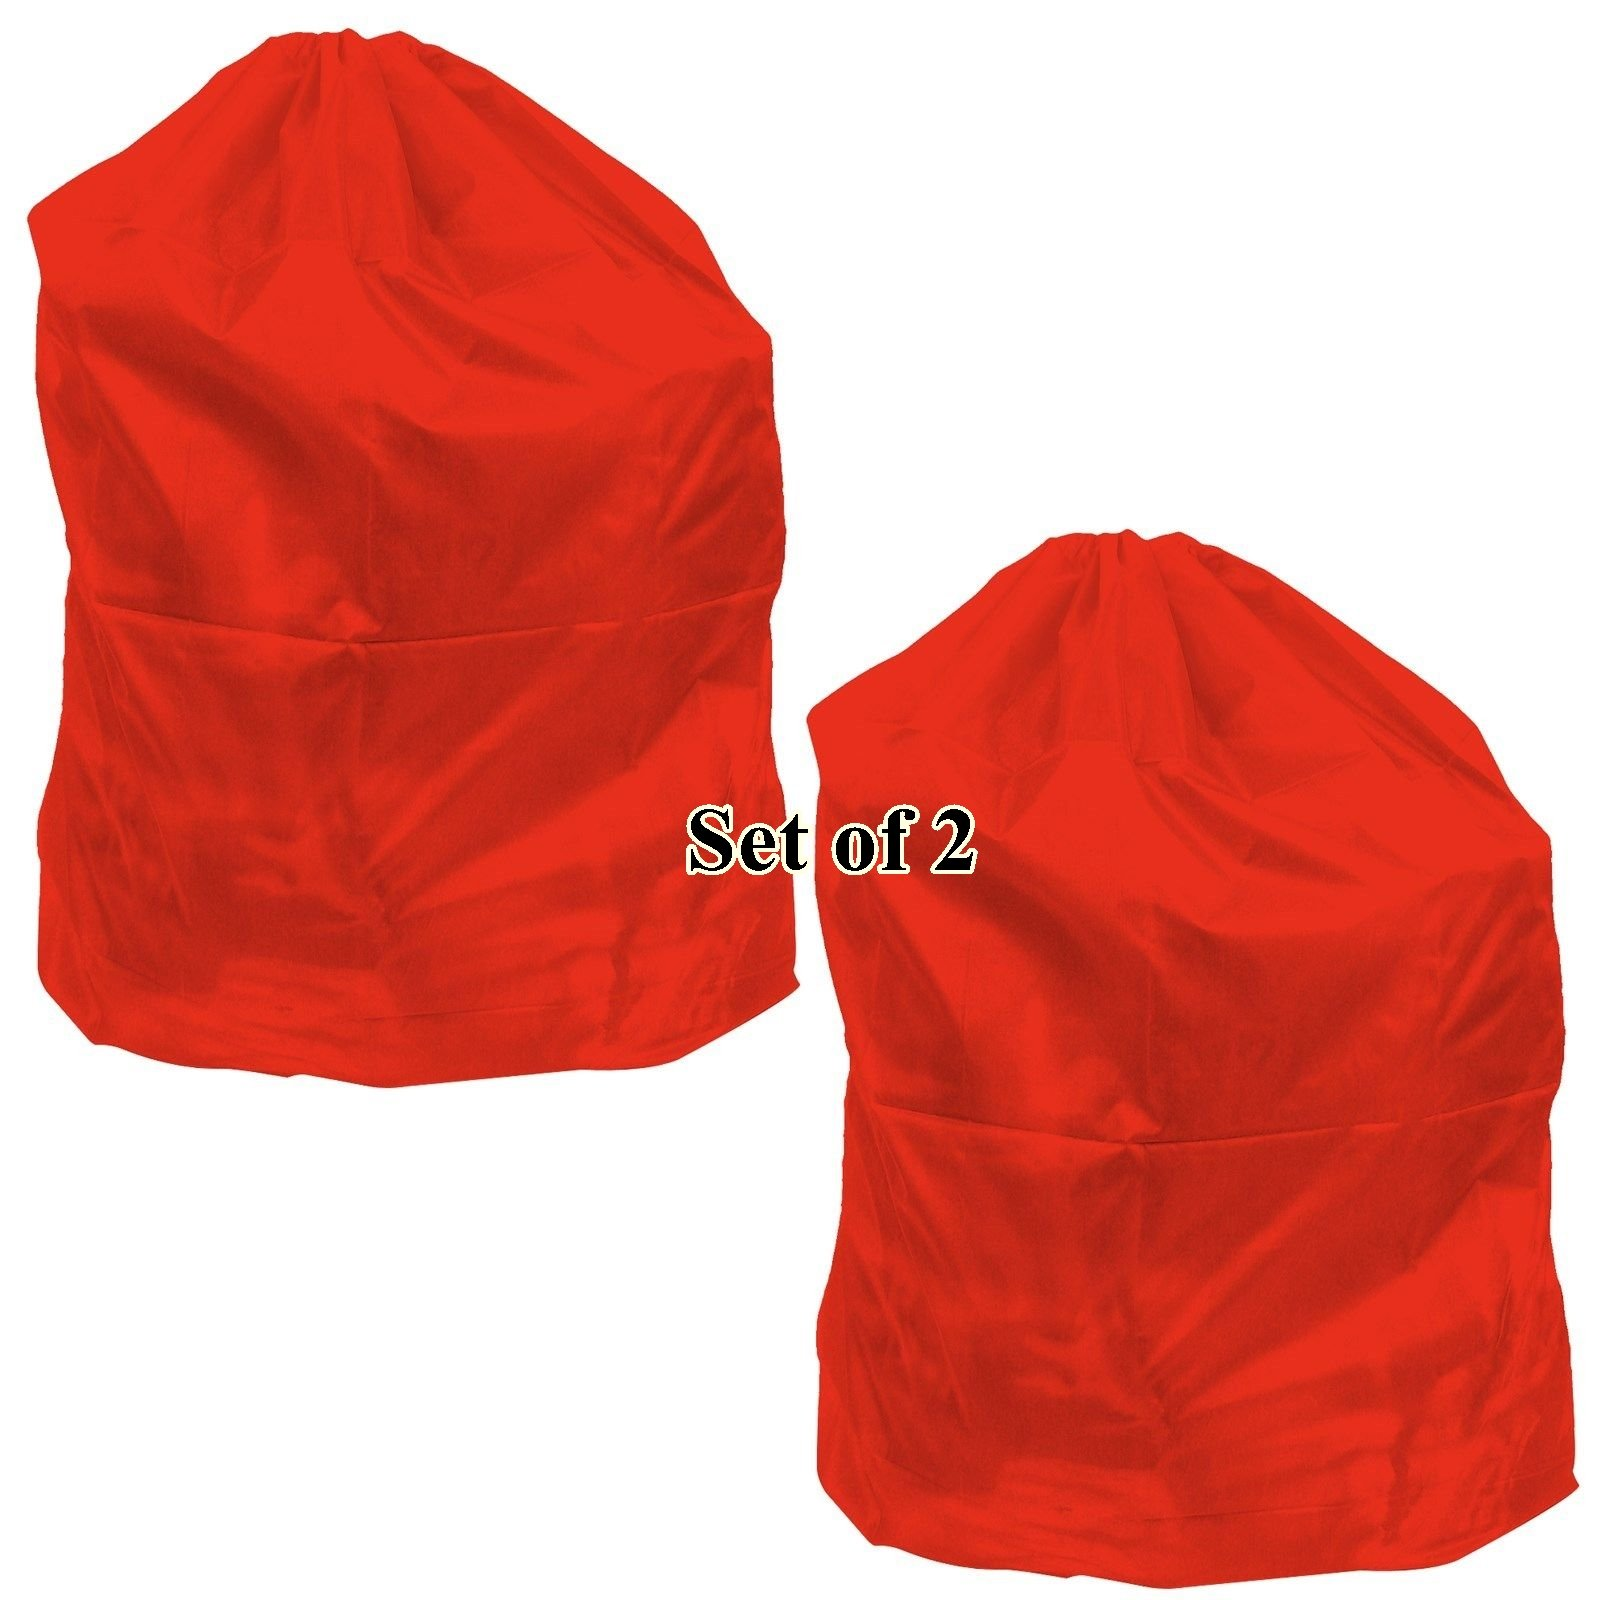 Shop-24 Laundry Hamper 2pcs Heavy Duty Jumbo Nylon Bag For Cloth Washable Up To 40 Lb